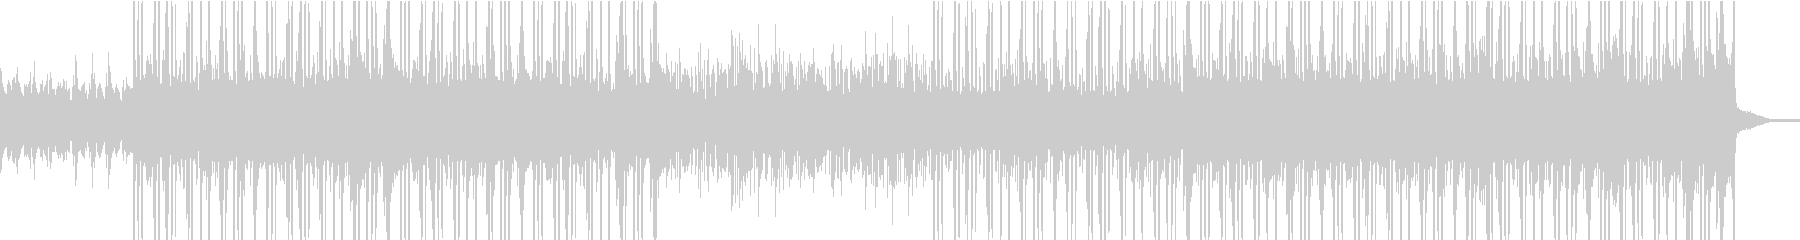 レトロ ゆっくり 魅惑 弦楽器 ド...の未再生の波形